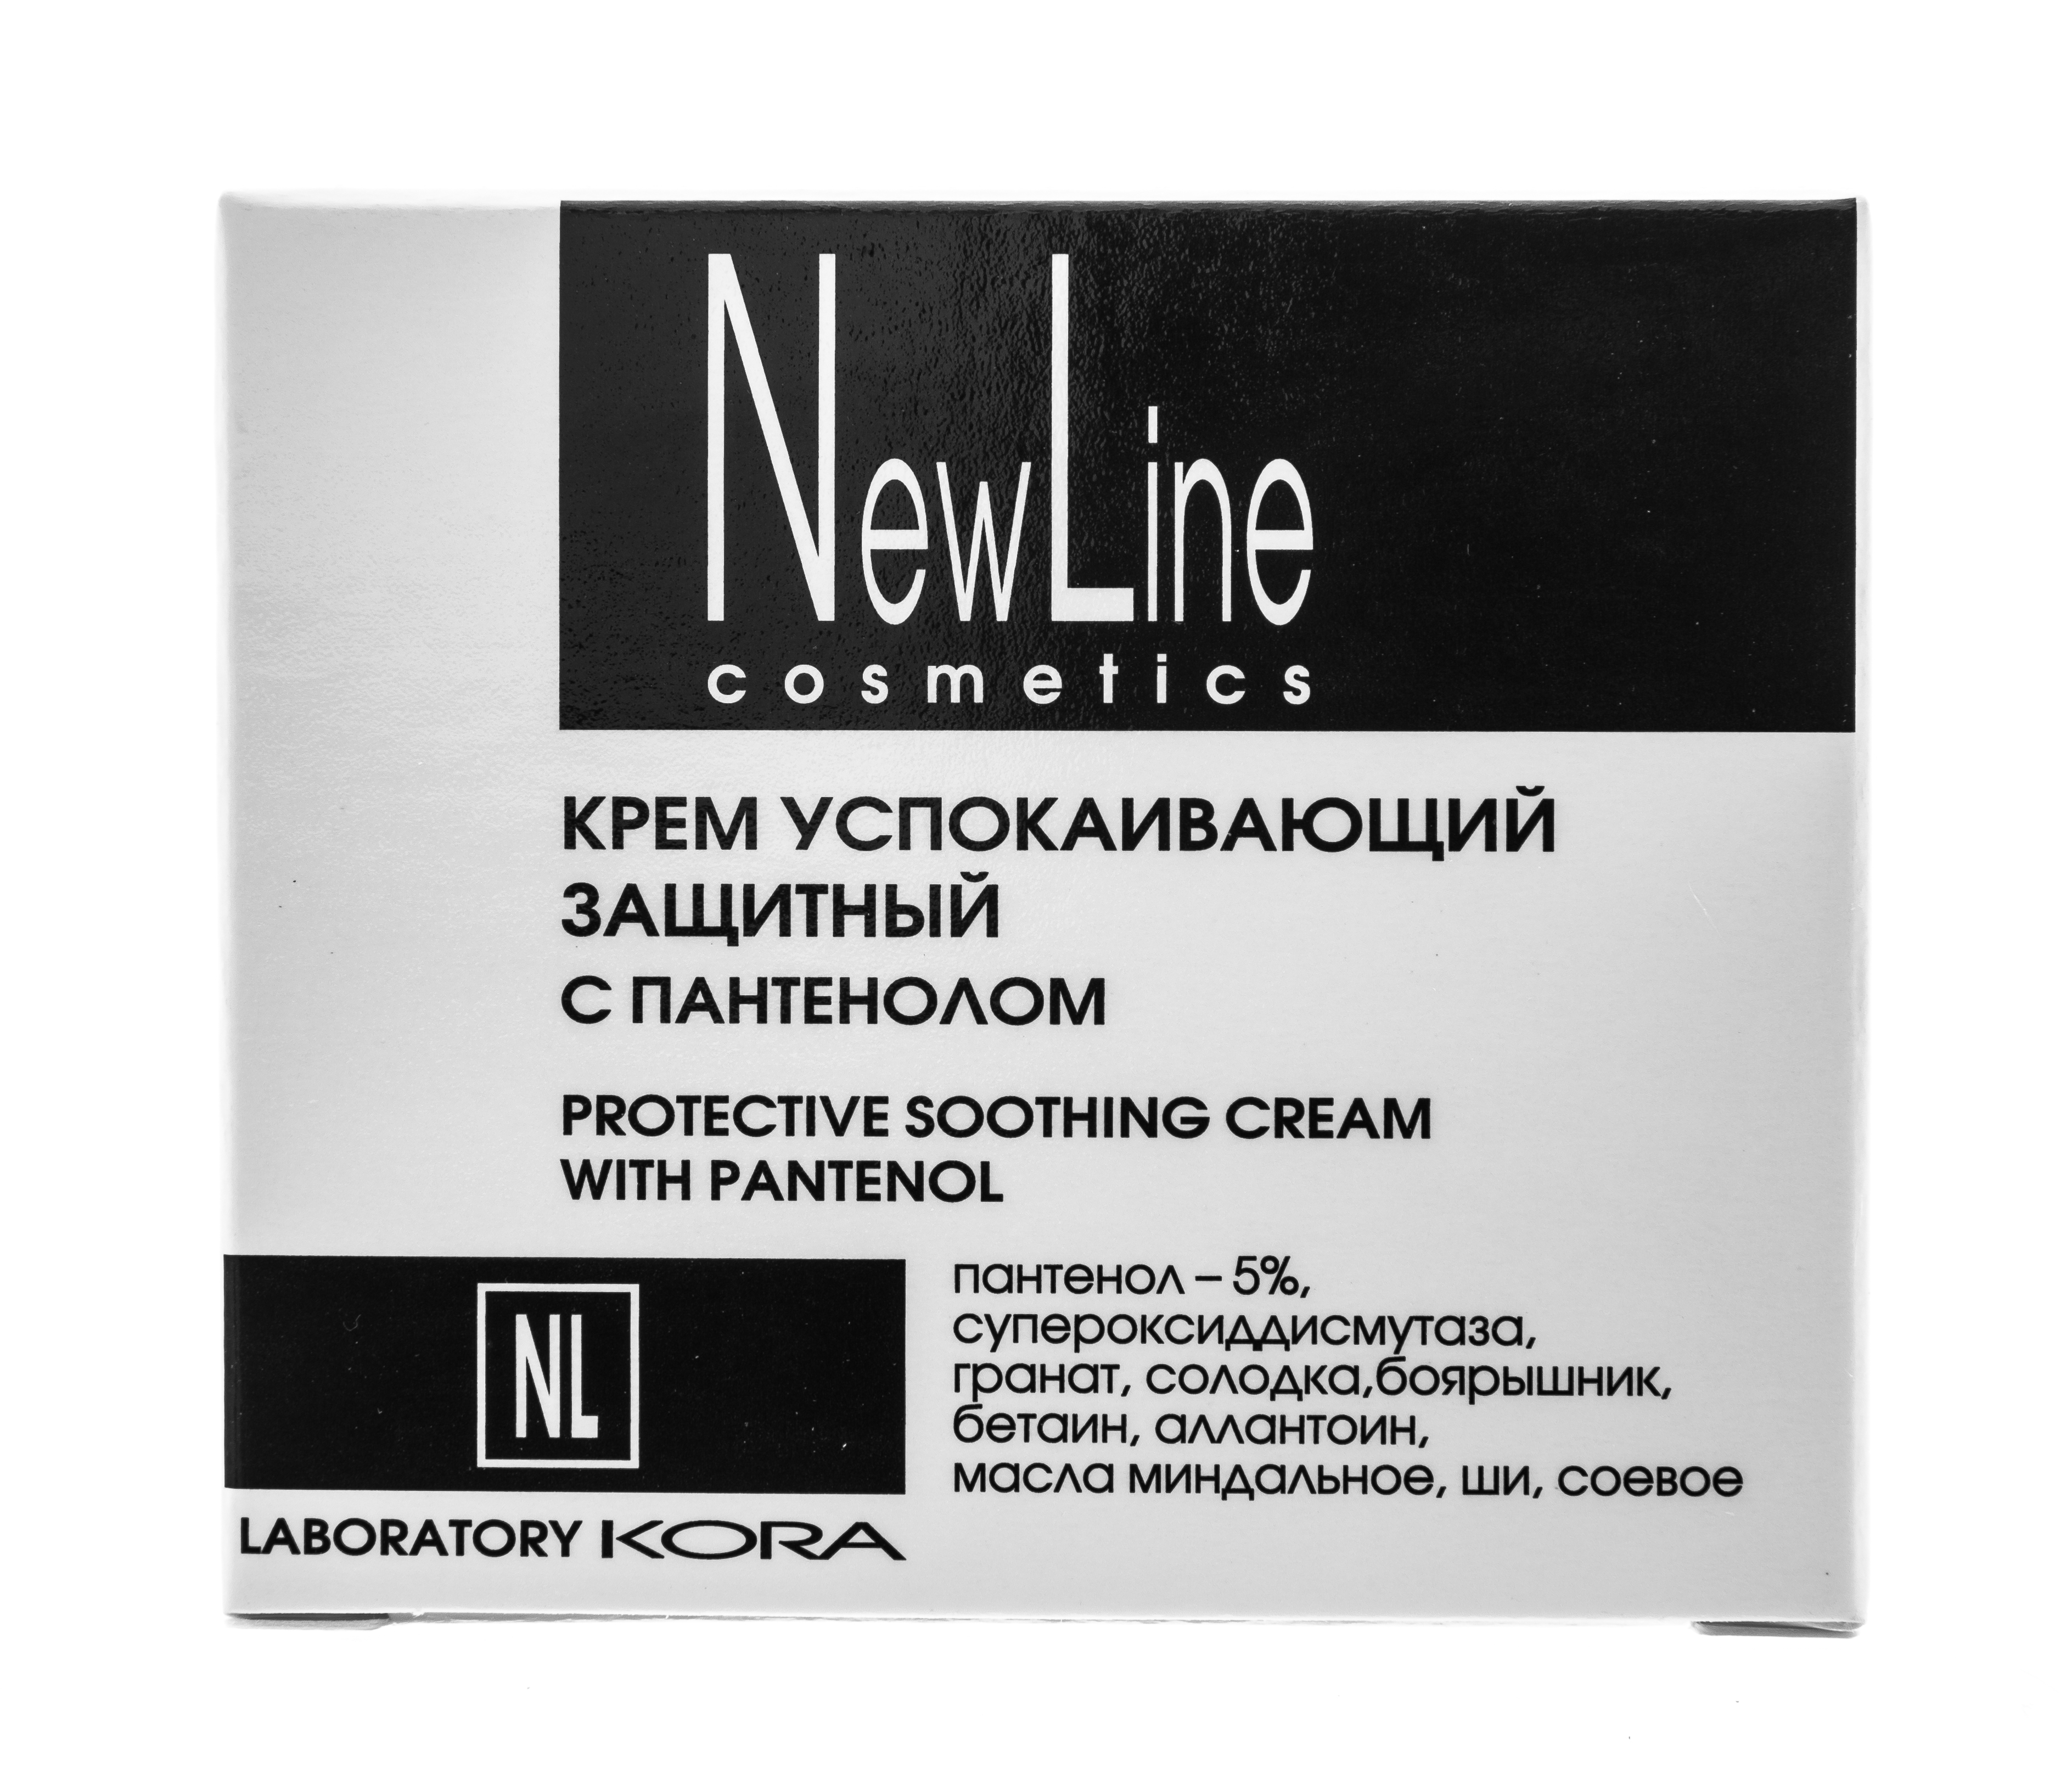 Купить new line косметику москве купить белорусскую косметику оптом в минске